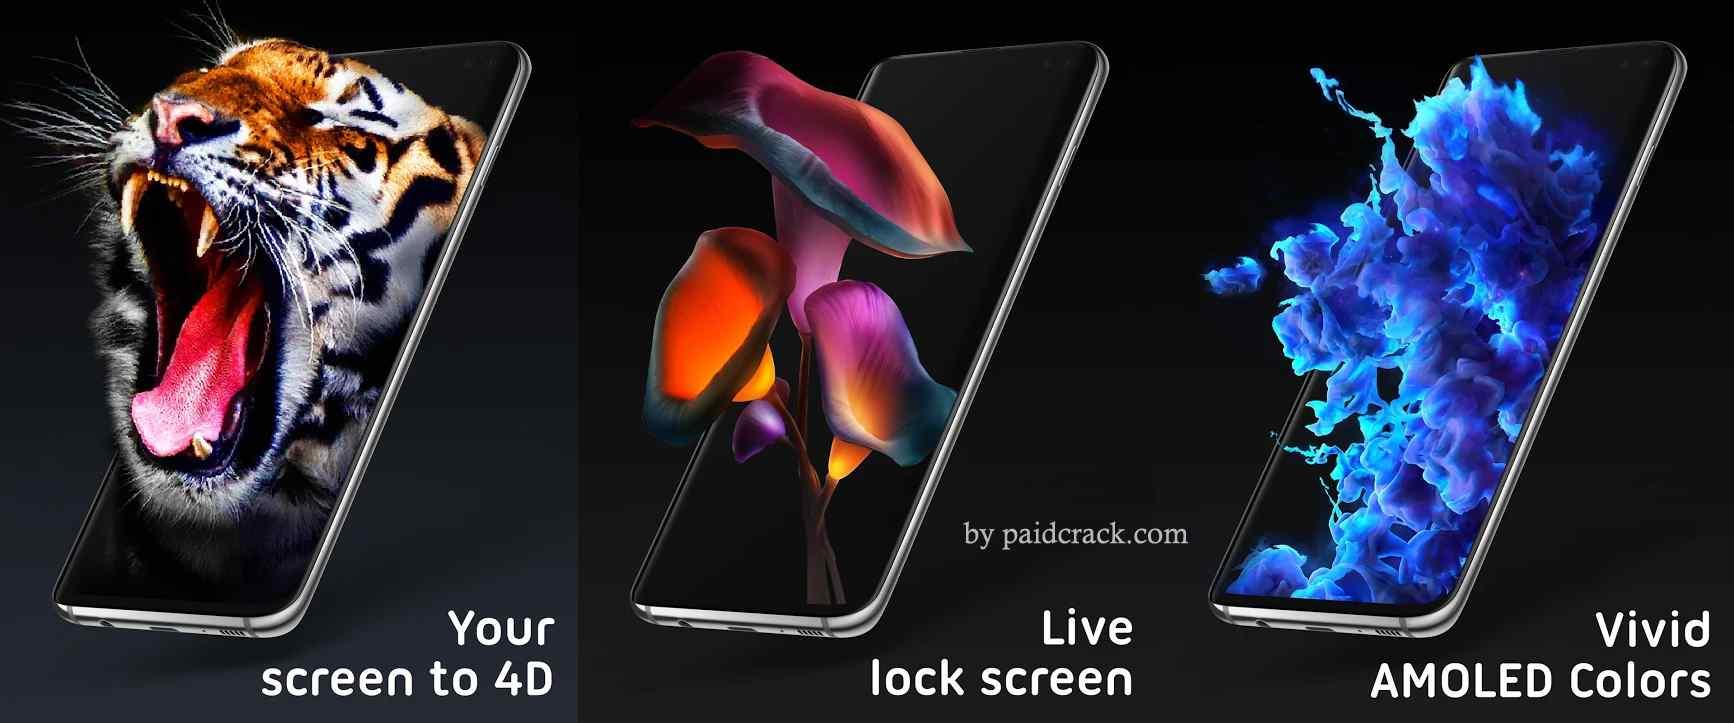 Pixel 4D Live Wallpapers 4K, Backgrounds 3D/HD Premium Mod Apk 2.7.2